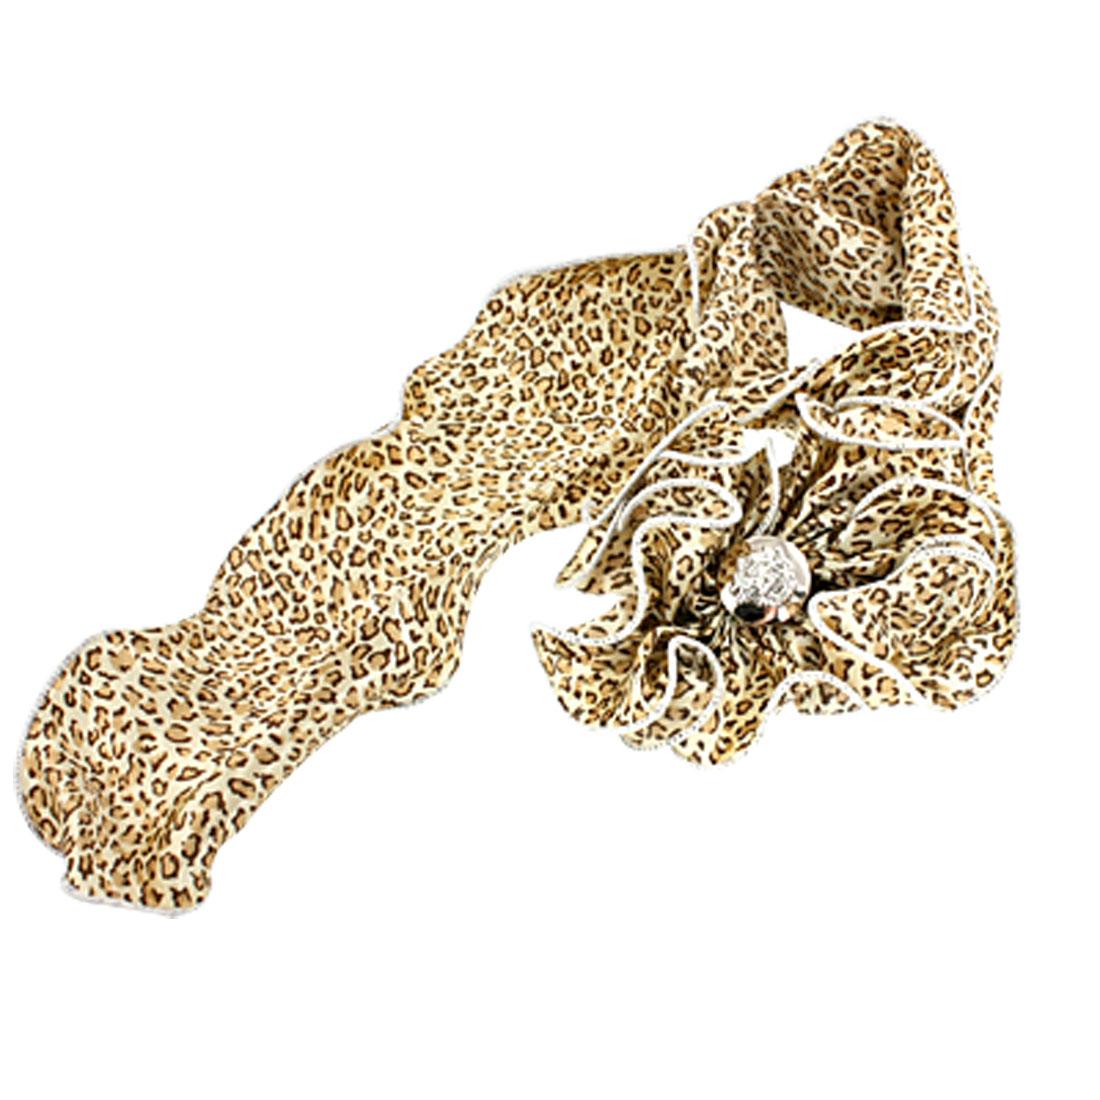 Leopard Pattern Flower Knot Head Neck Wave Scarf Beige for Woman